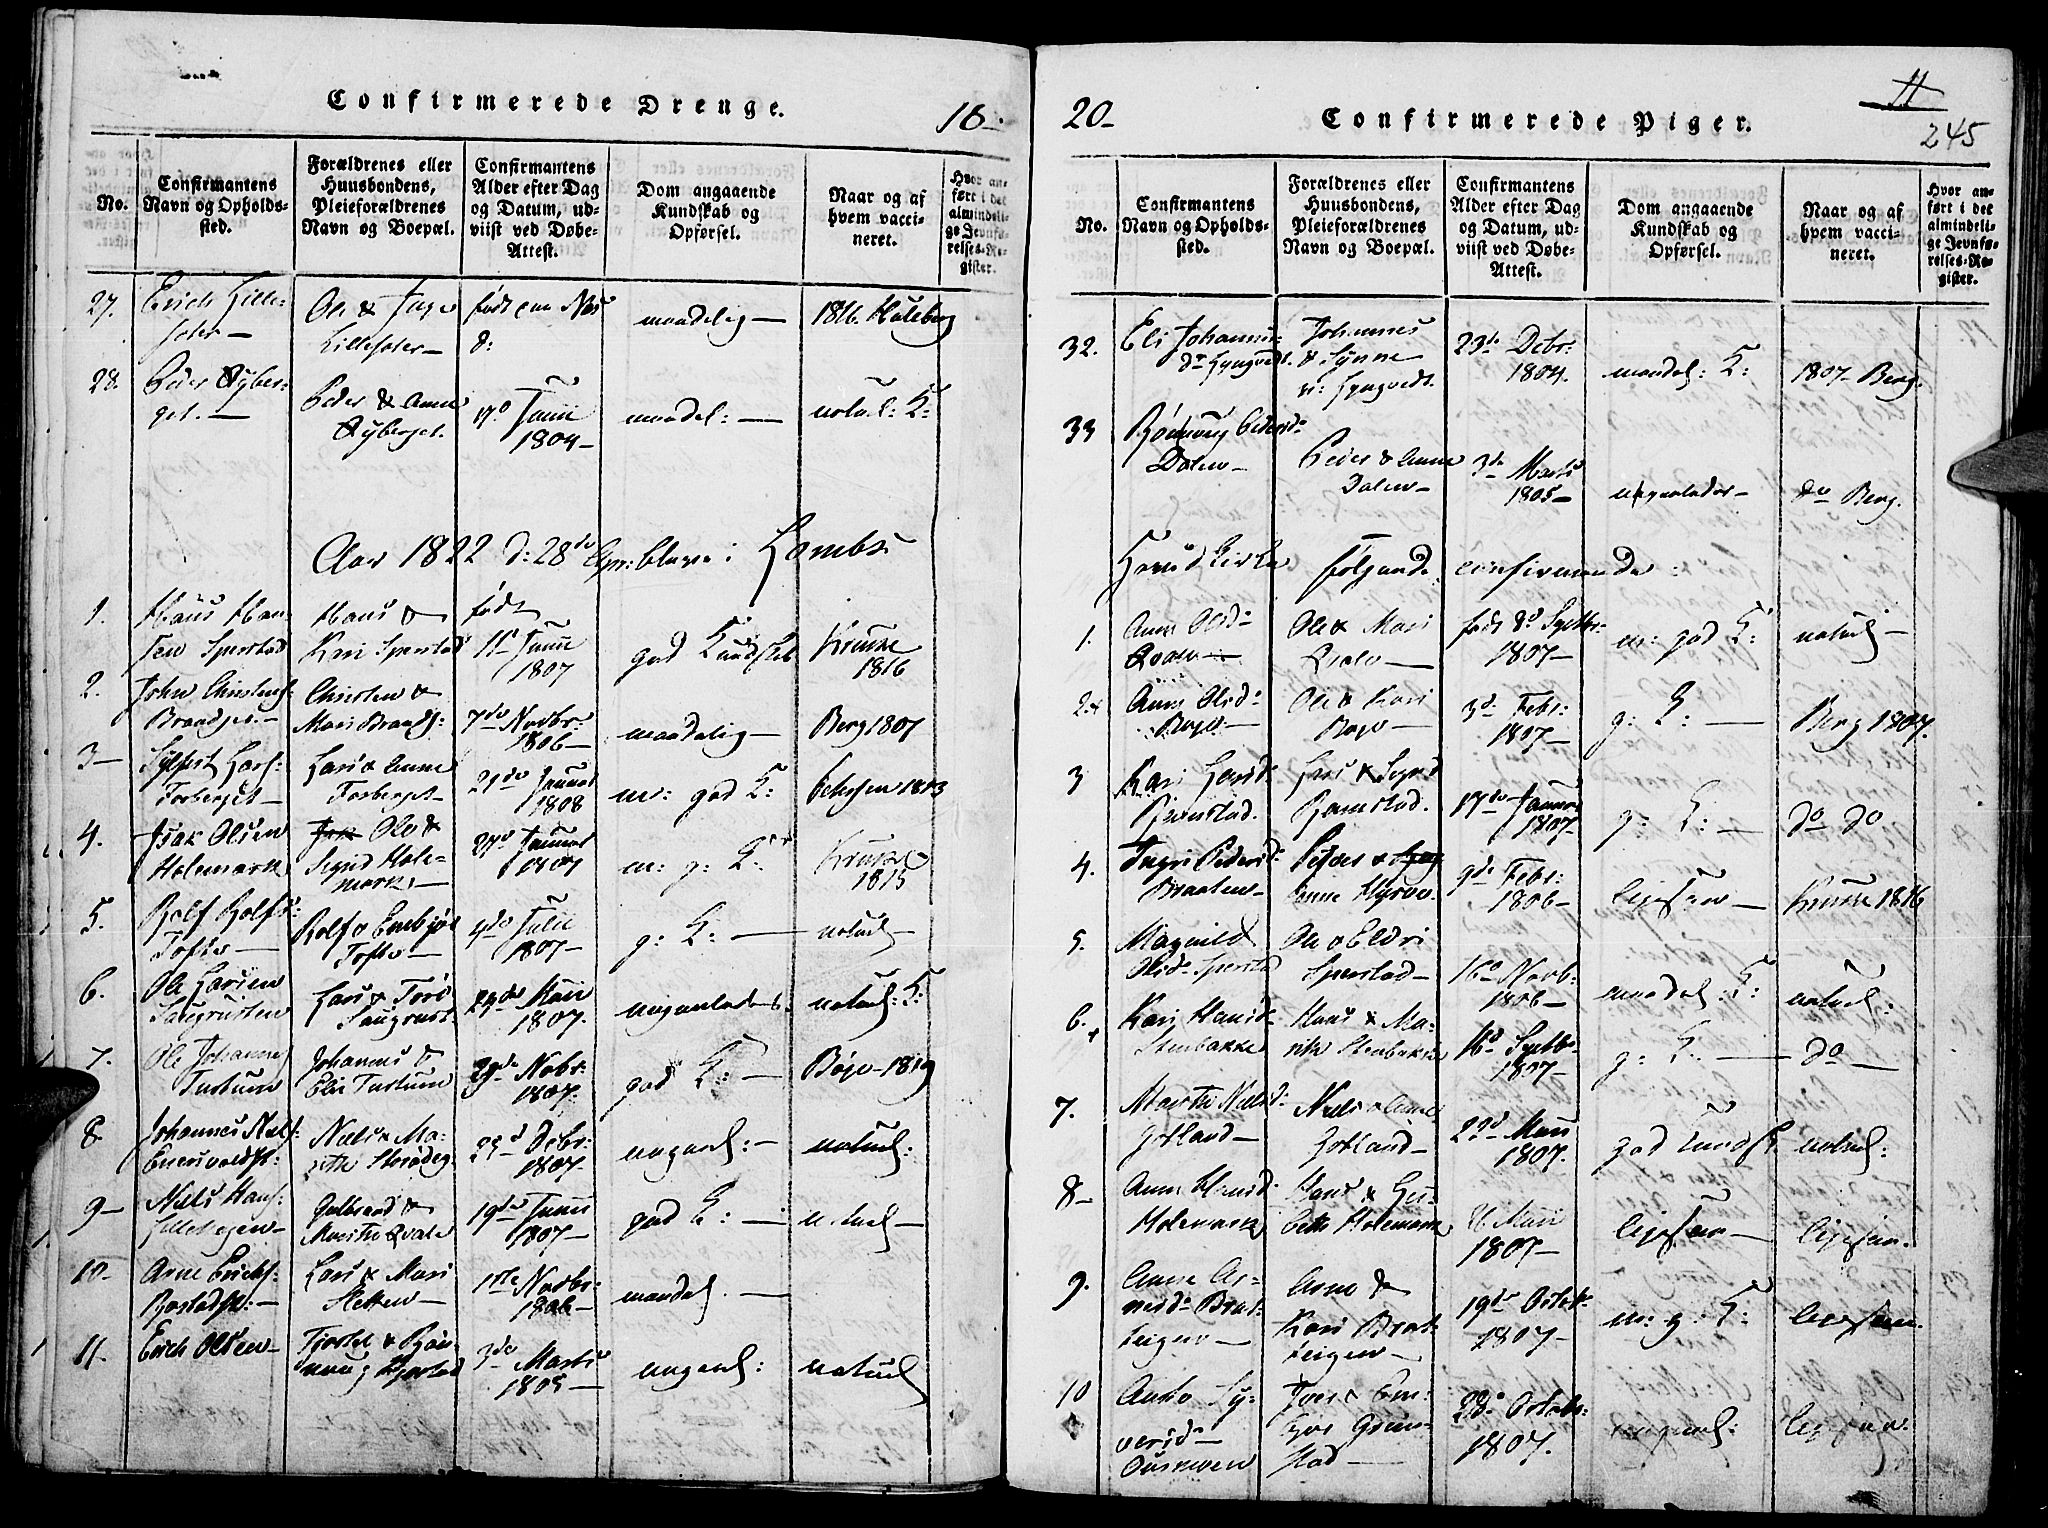 SAH, Lom prestekontor, K/L0004: Ministerialbok nr. 4, 1815-1825, s. 245